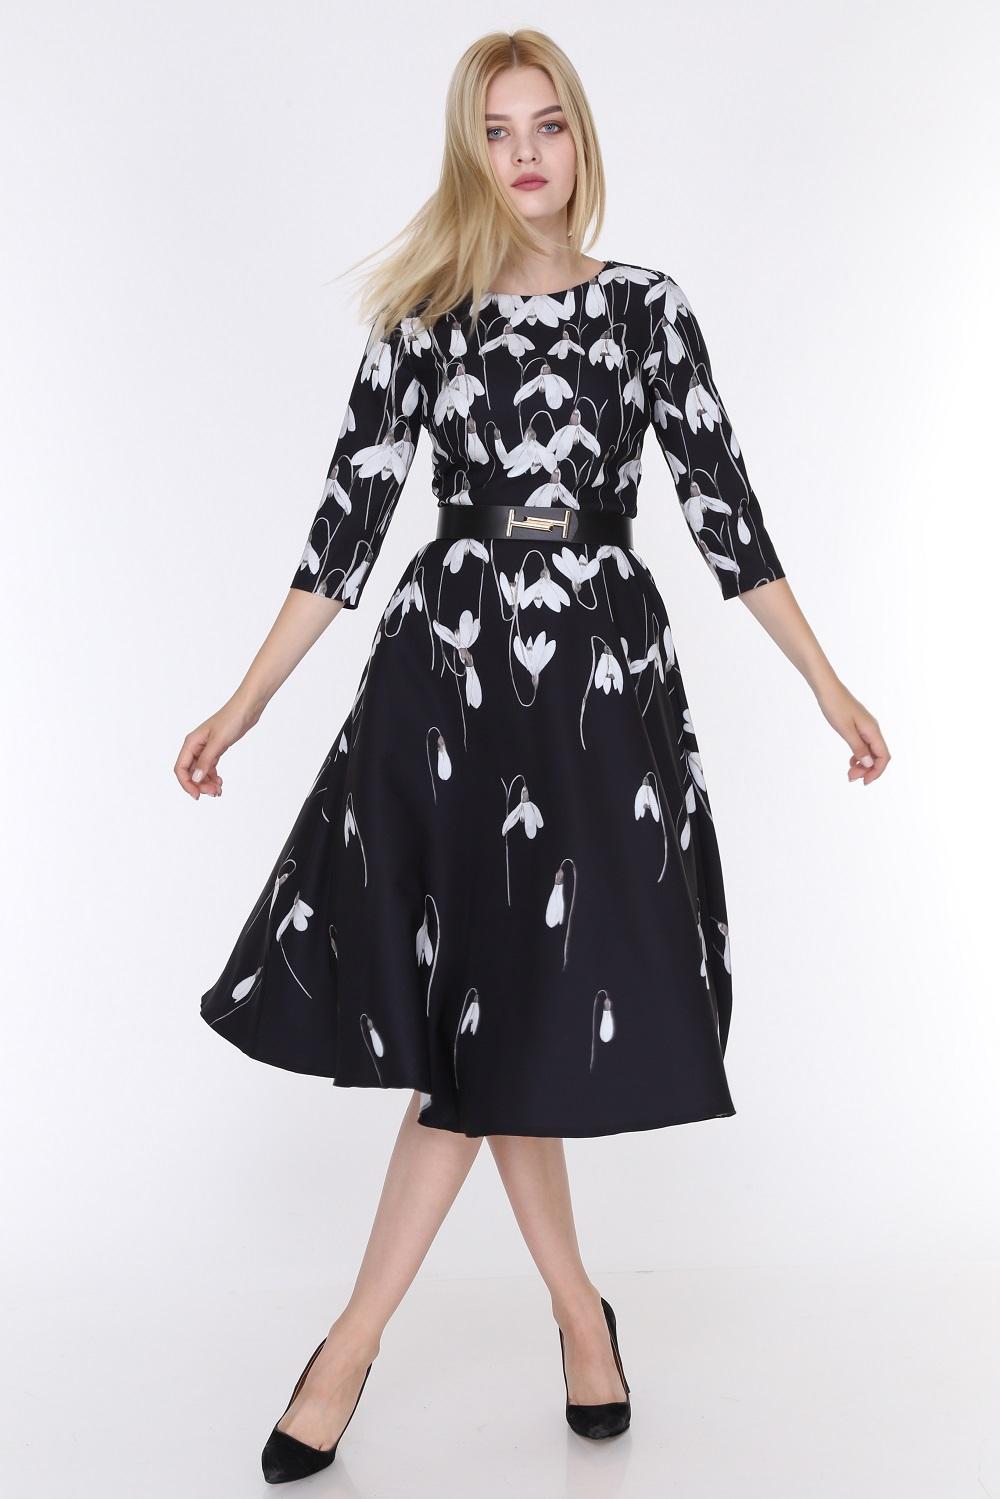 Tulip Patterned Black Color Dress